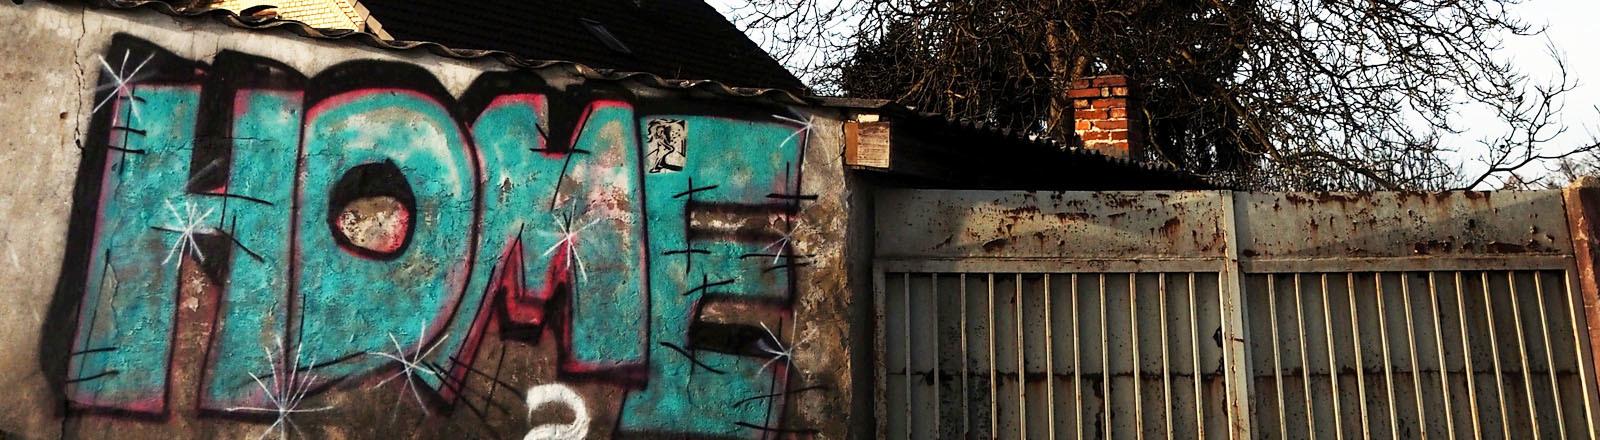 Graffiti Home auf einer Gartenmauer